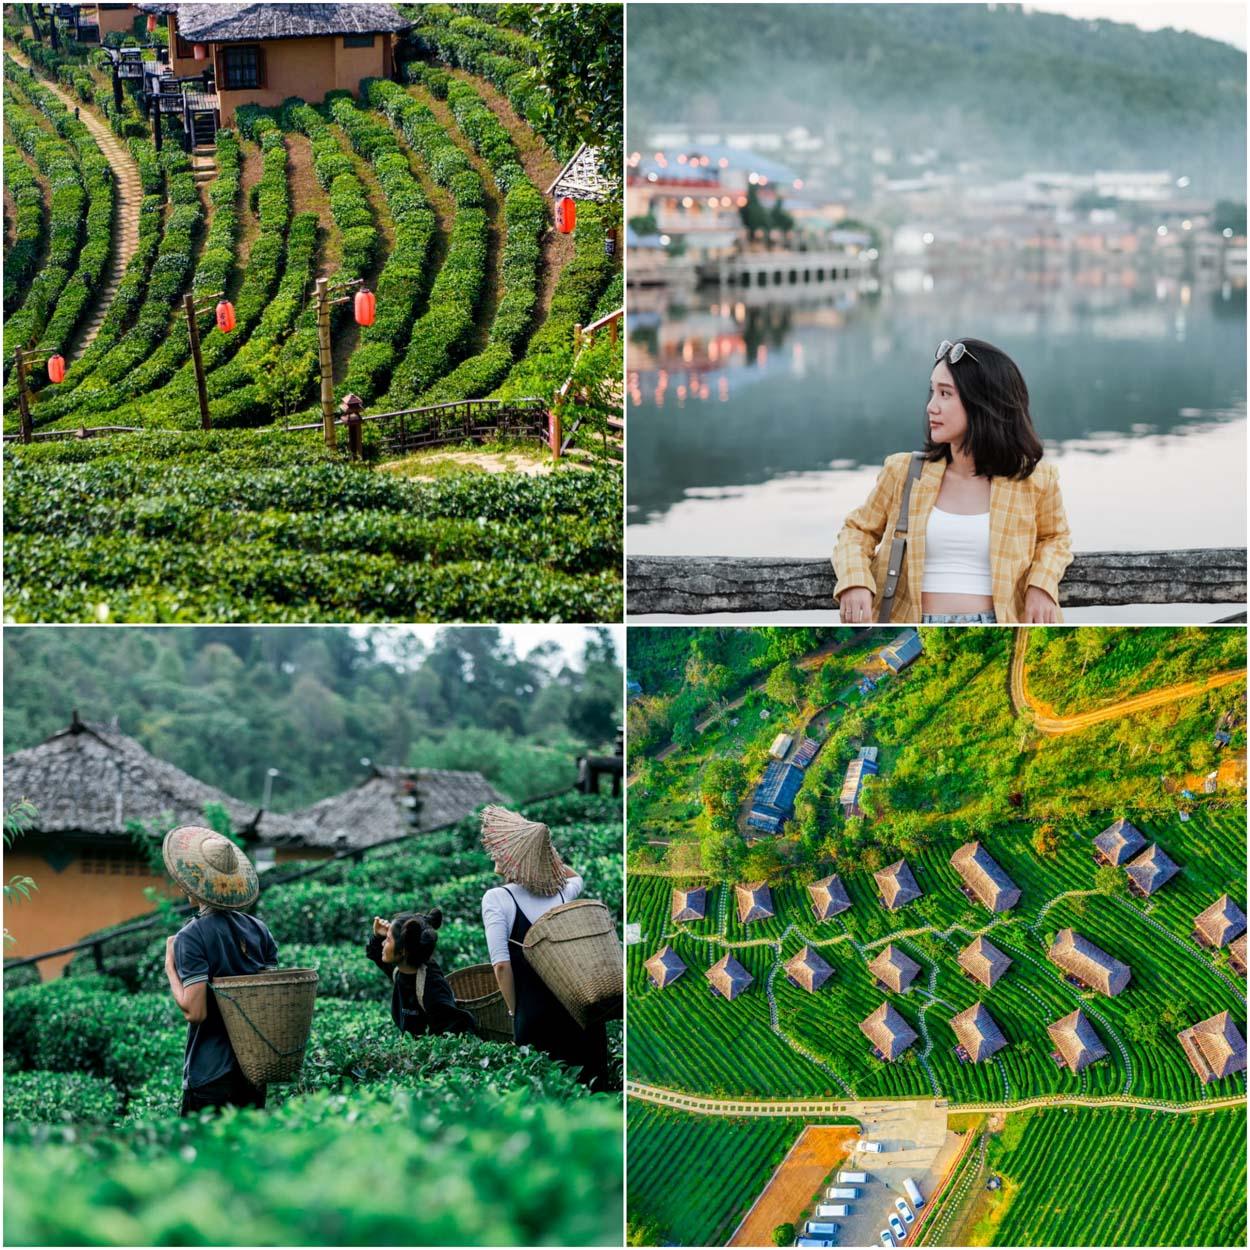 ลีไวน์รักไทย คาเฟ่และรีสอร์ท กาแฟหอมและเข้มข้นมาก ใครที่ได้ไปพักผ่อนไปนั่งที่บาร์ริมน้ำคือฟินนน วิวหมอกกระทบกับแอ่งน้ำใหญ่สวยมวากก 10/10